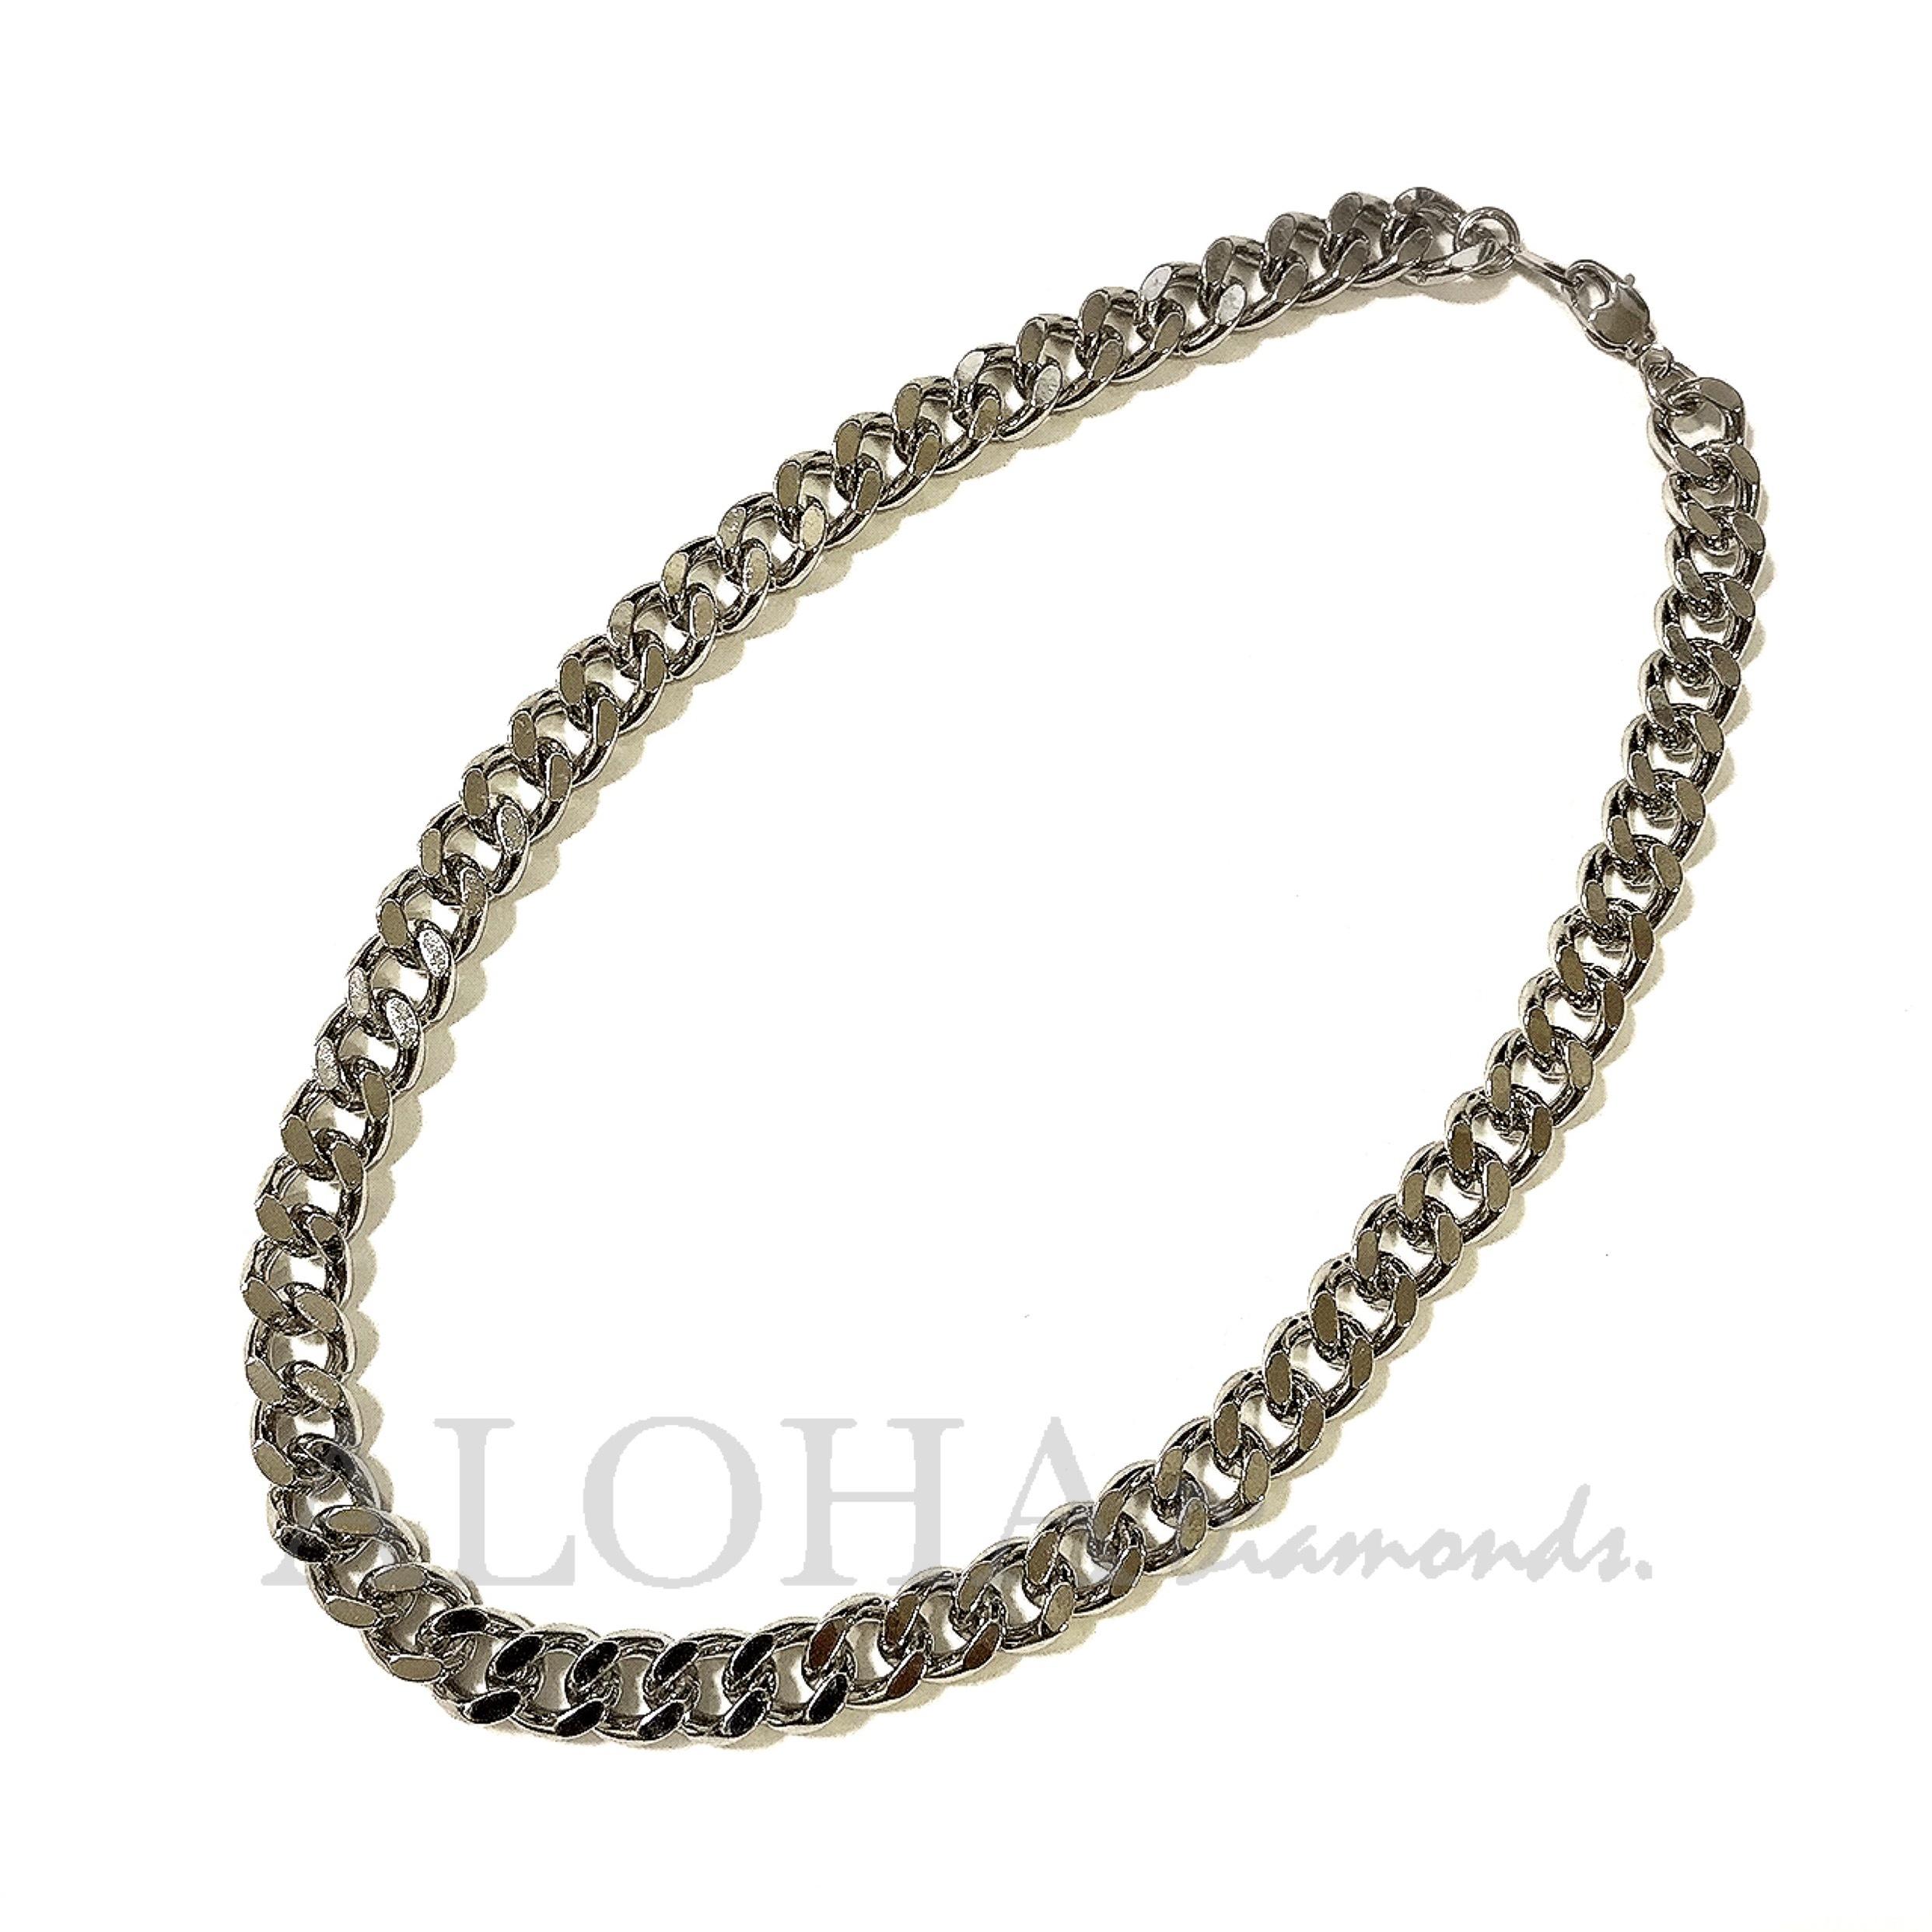 ✴︎✴︎✴︎The chain - No.1✴︎✴︎✴︎シルバー/ネックレス 44.5cm(ネックレス単品)